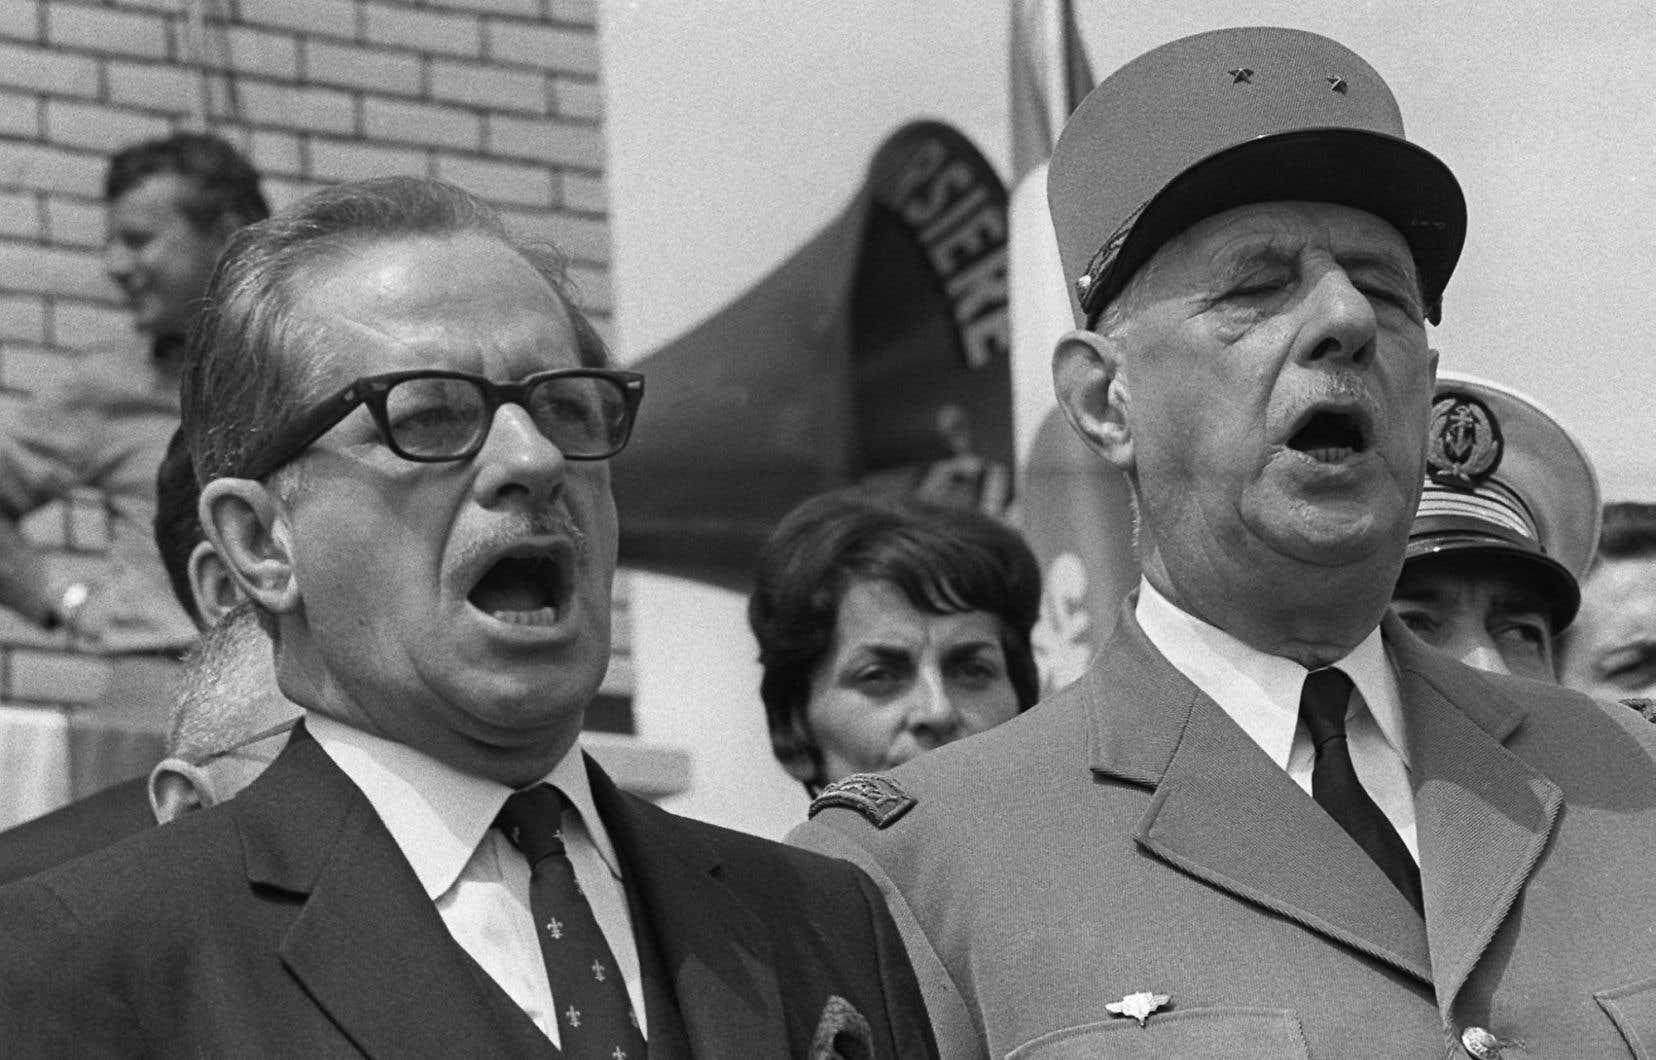 Le président français Charles de Gaulle et le premier ministre du Québec, Daniel Johnson, chantent l'hymne national à Montréal le 24 juillet 1967.